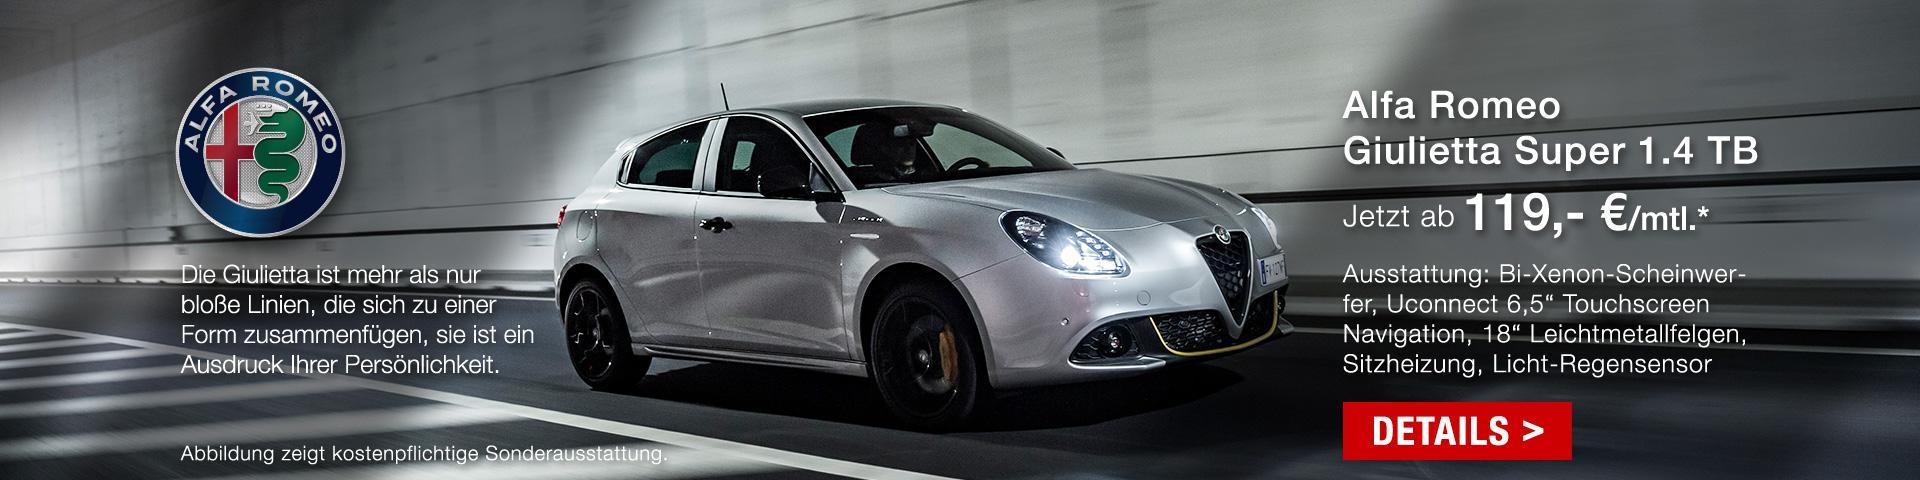 Alfa Romeo Giulietta für 119,-€ mtl. finanzieren